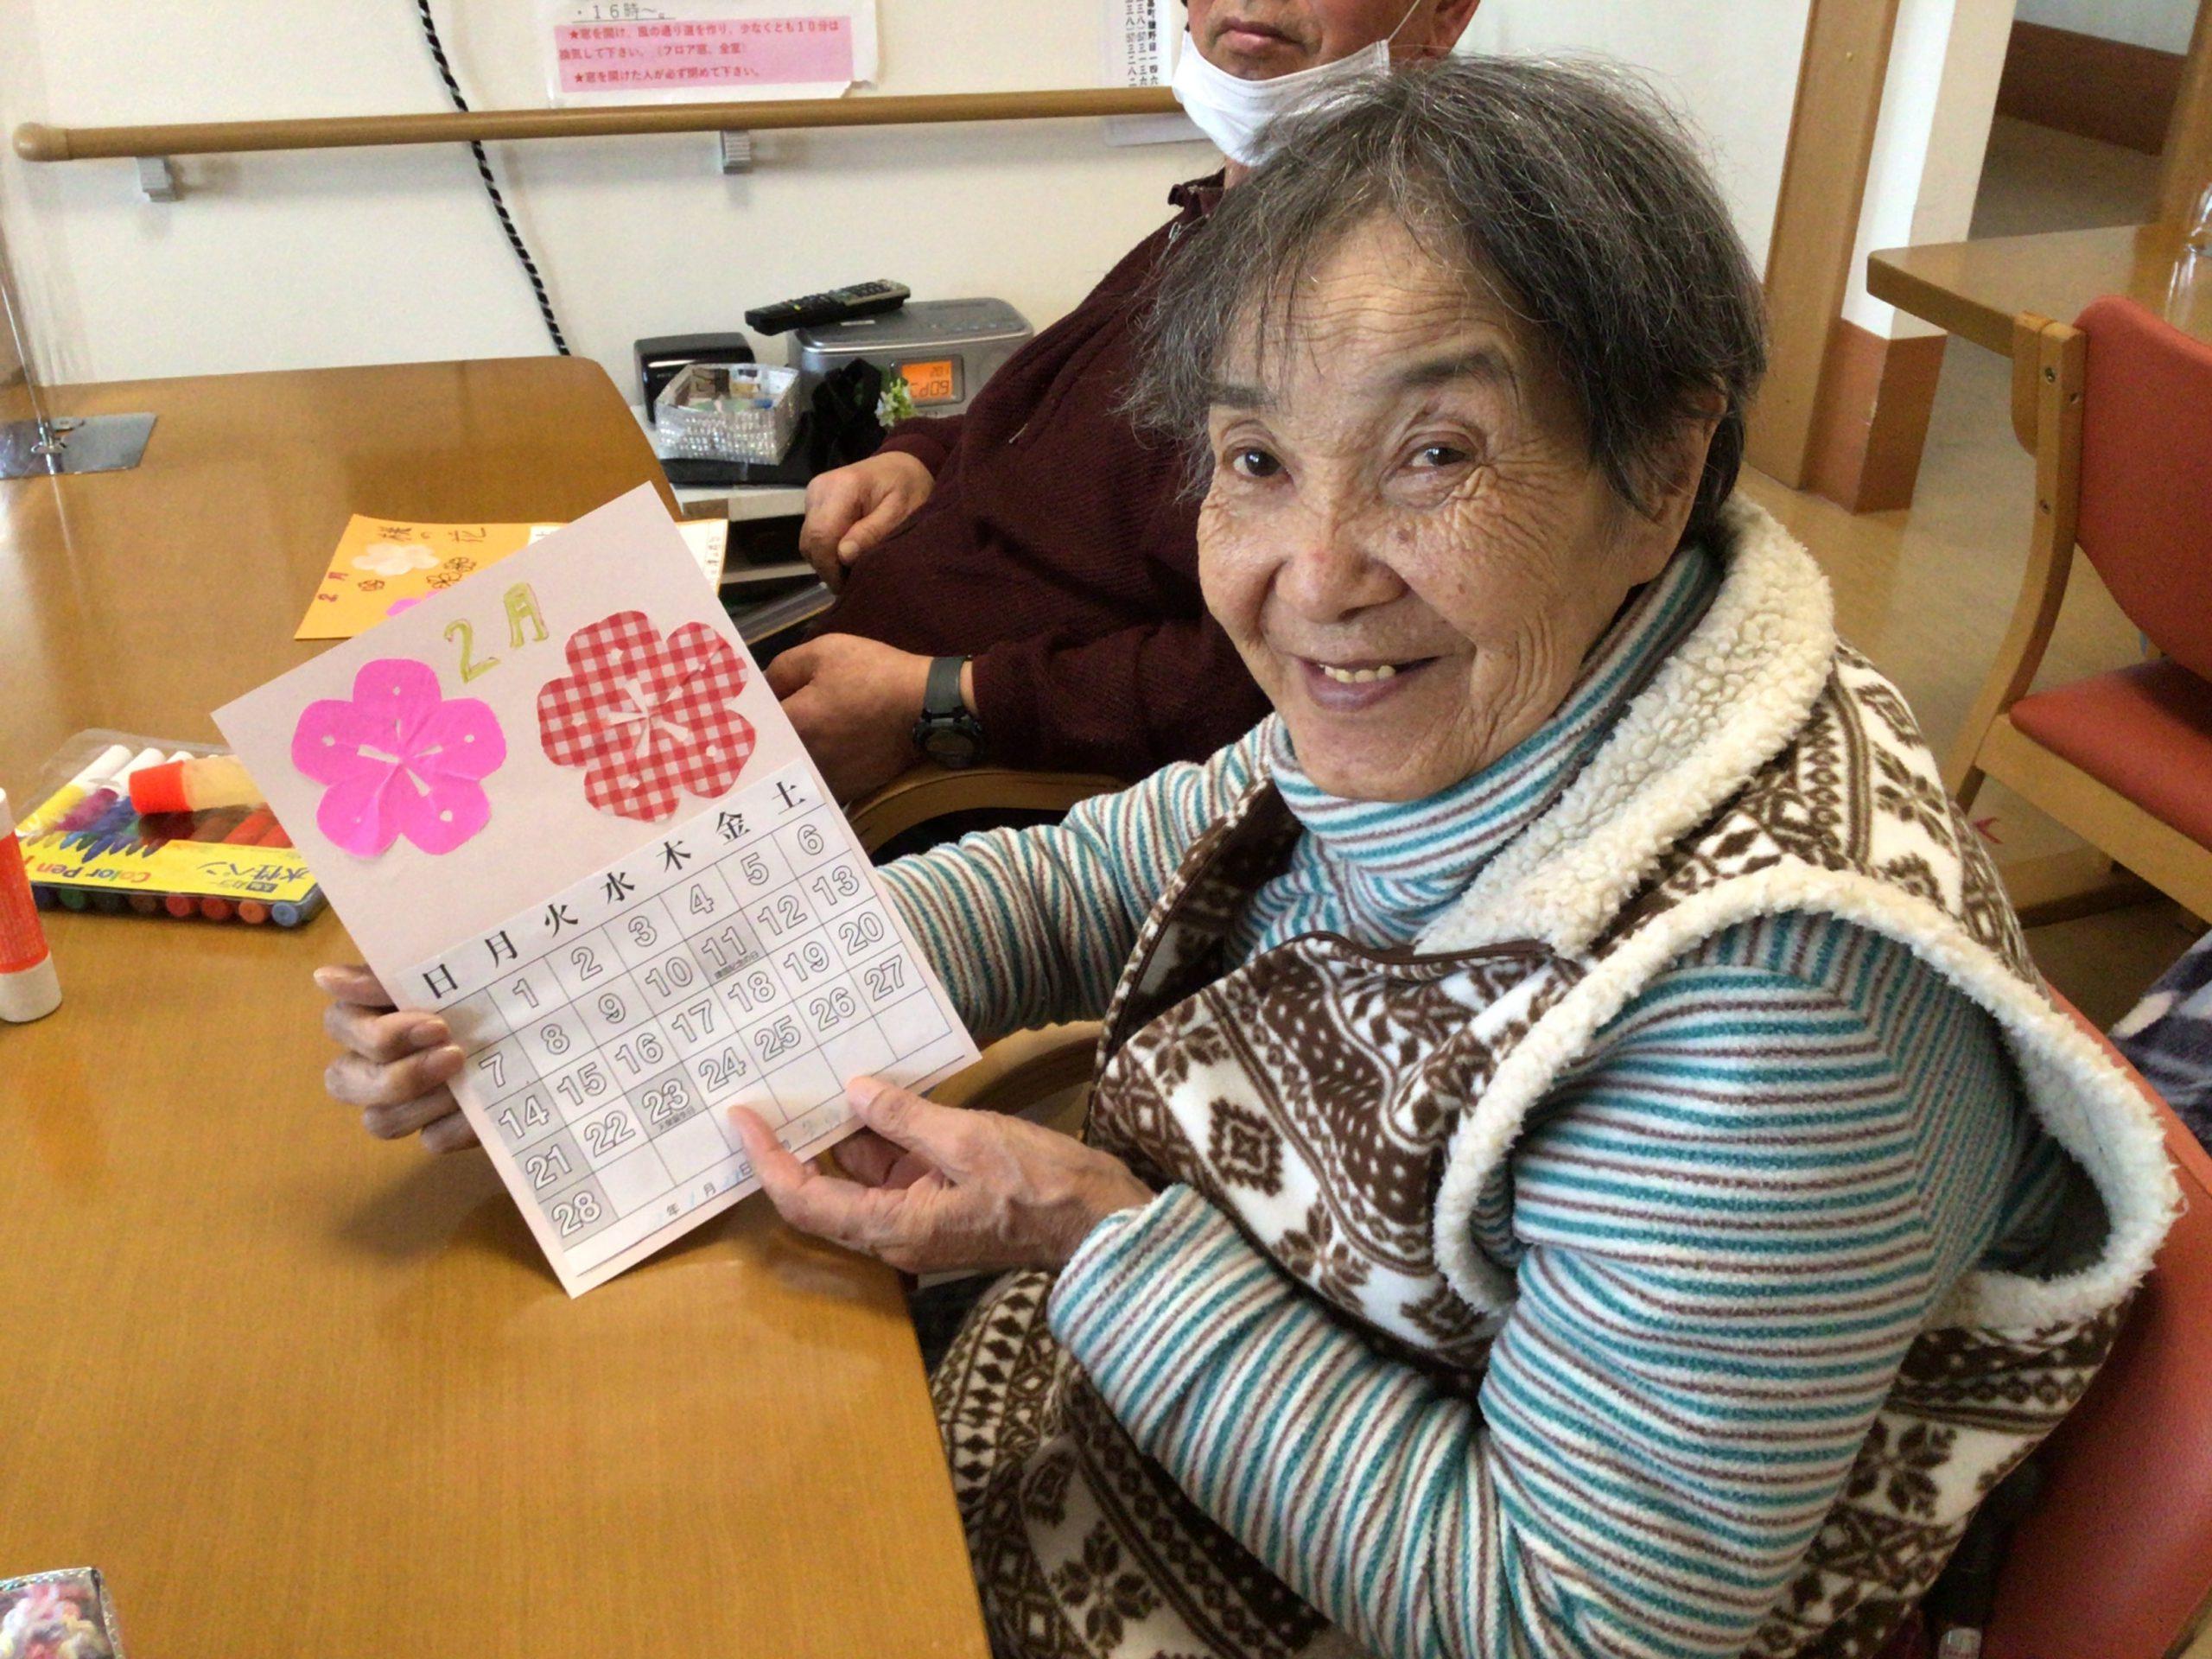 ⭐️湖山ケアサービス米沢⭐️2月のカレンダー作り